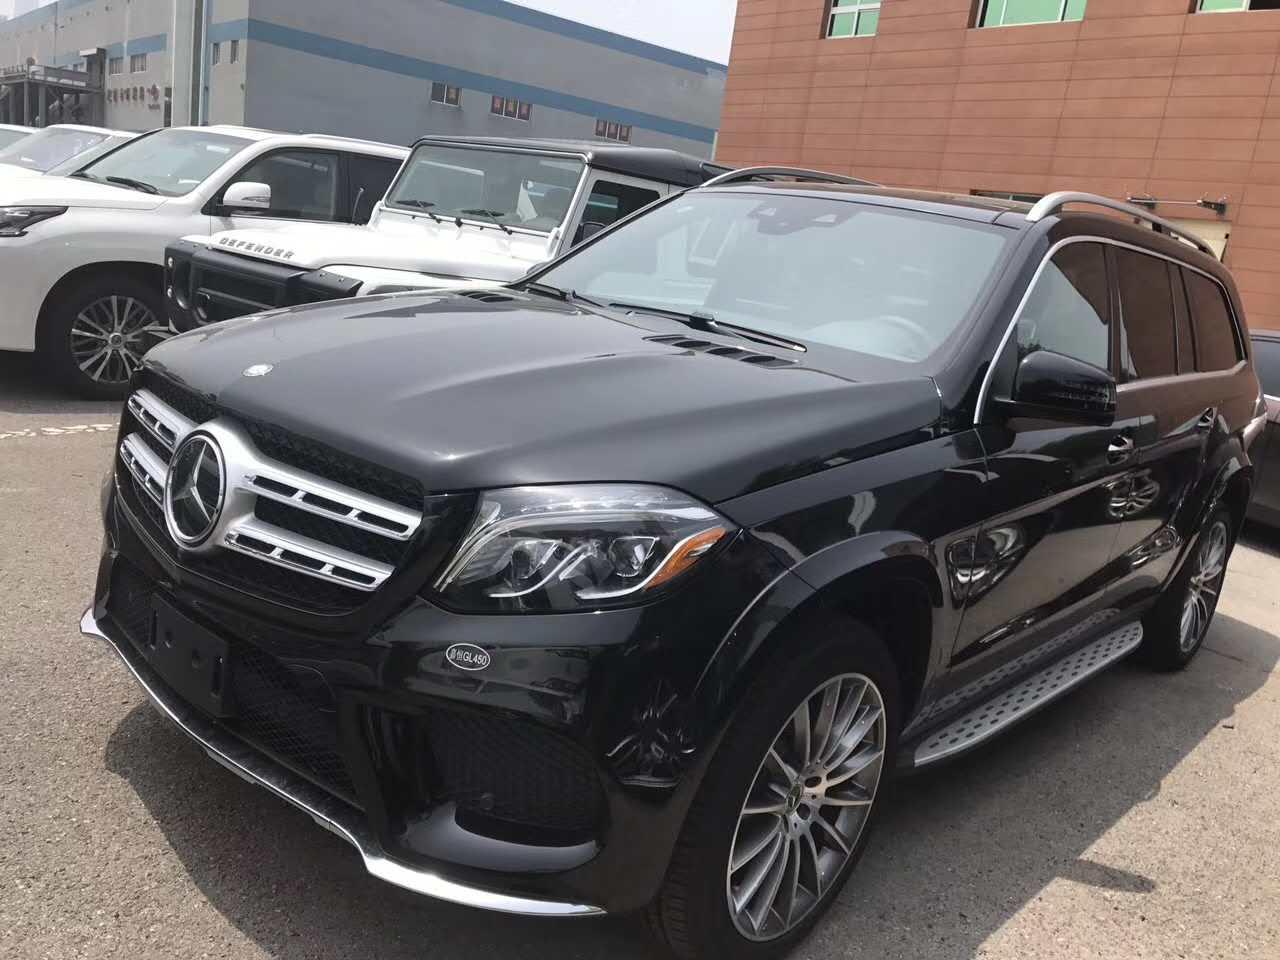 17款奔驰GLS450 百万豪驾天津九月钜惠现车销售可分期